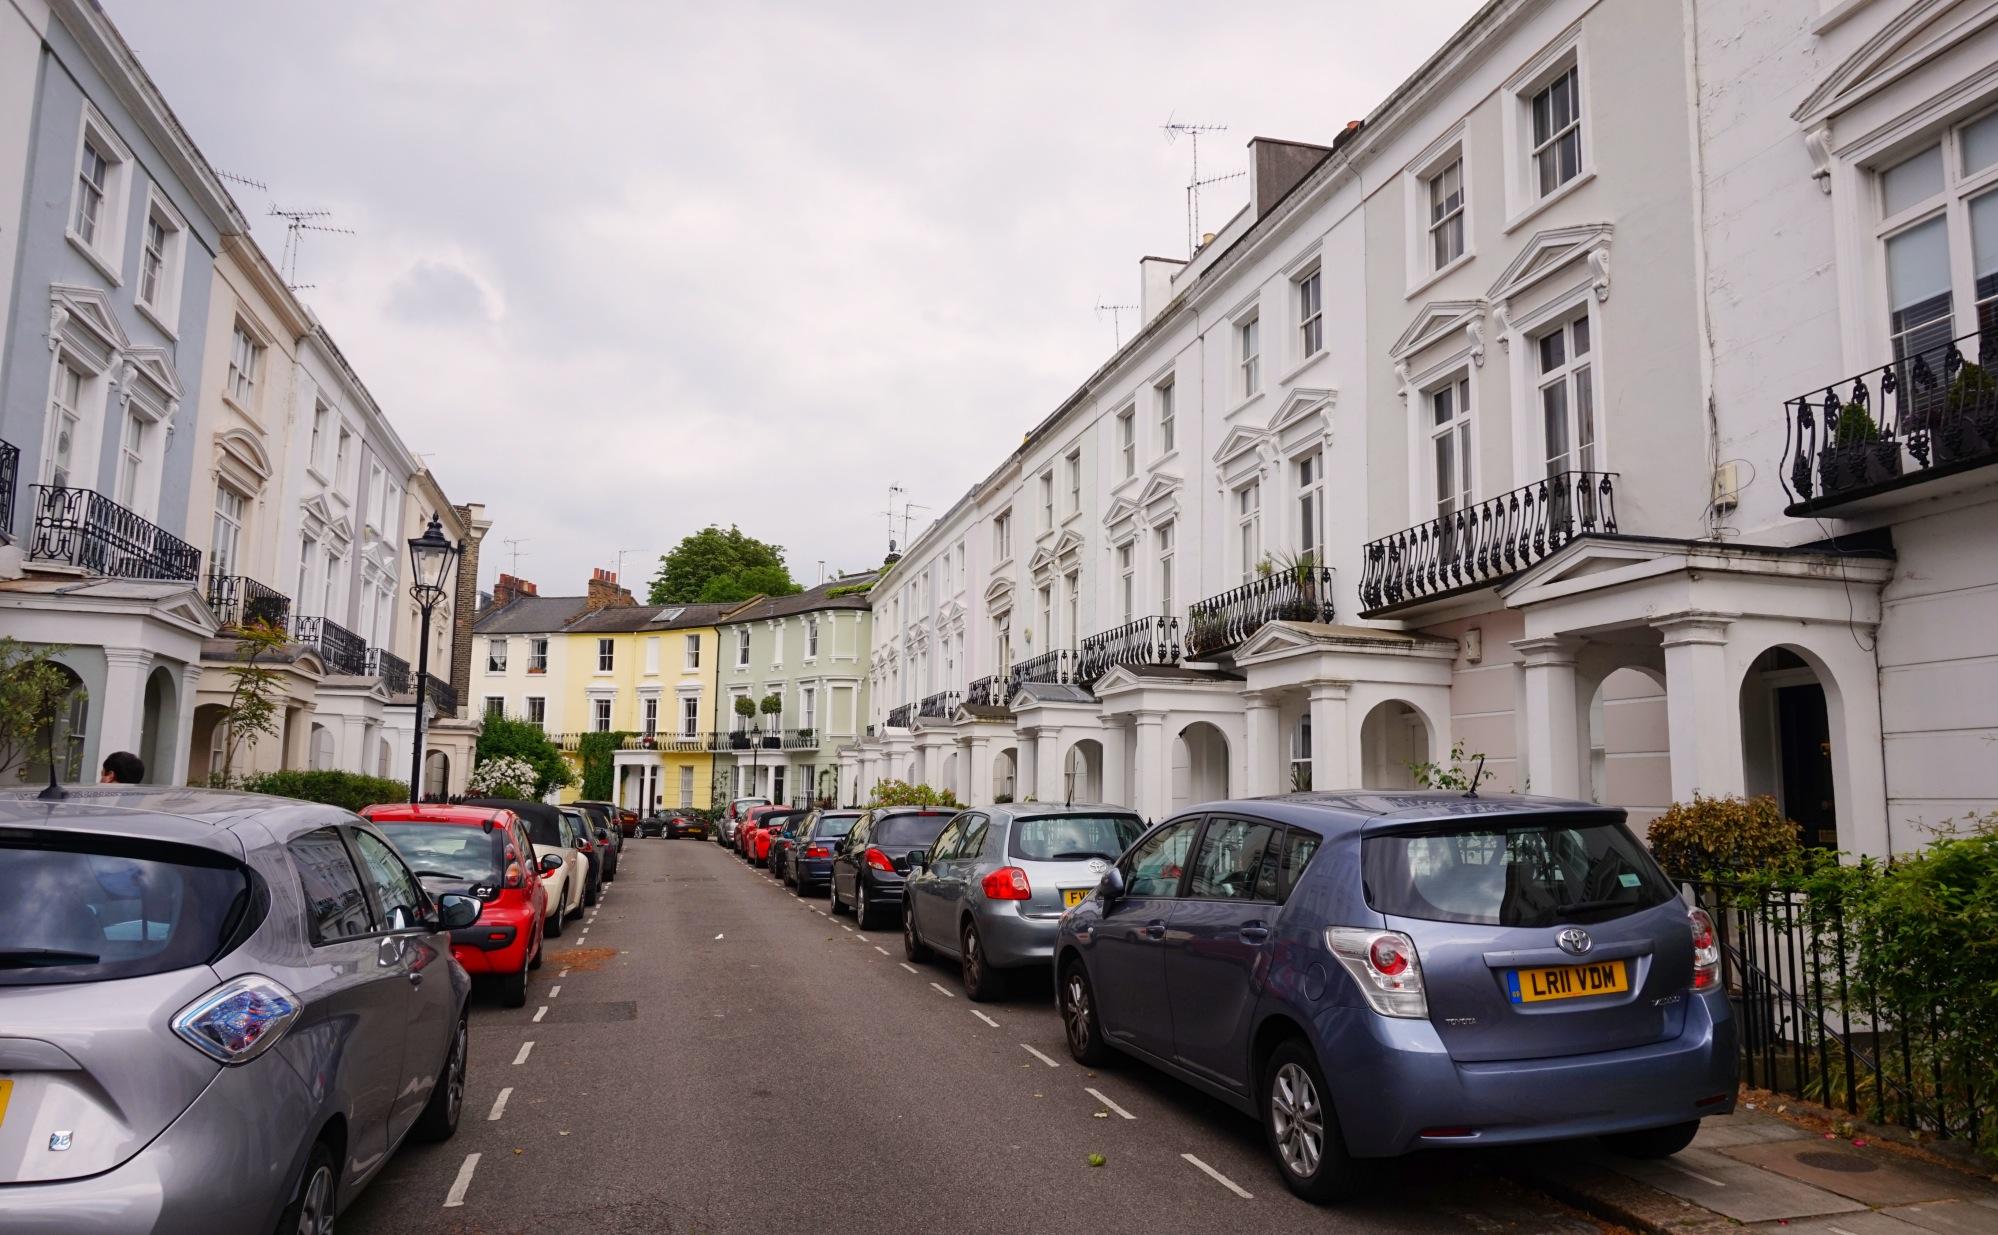 Primrose-Hill-Chalcot-Square-28